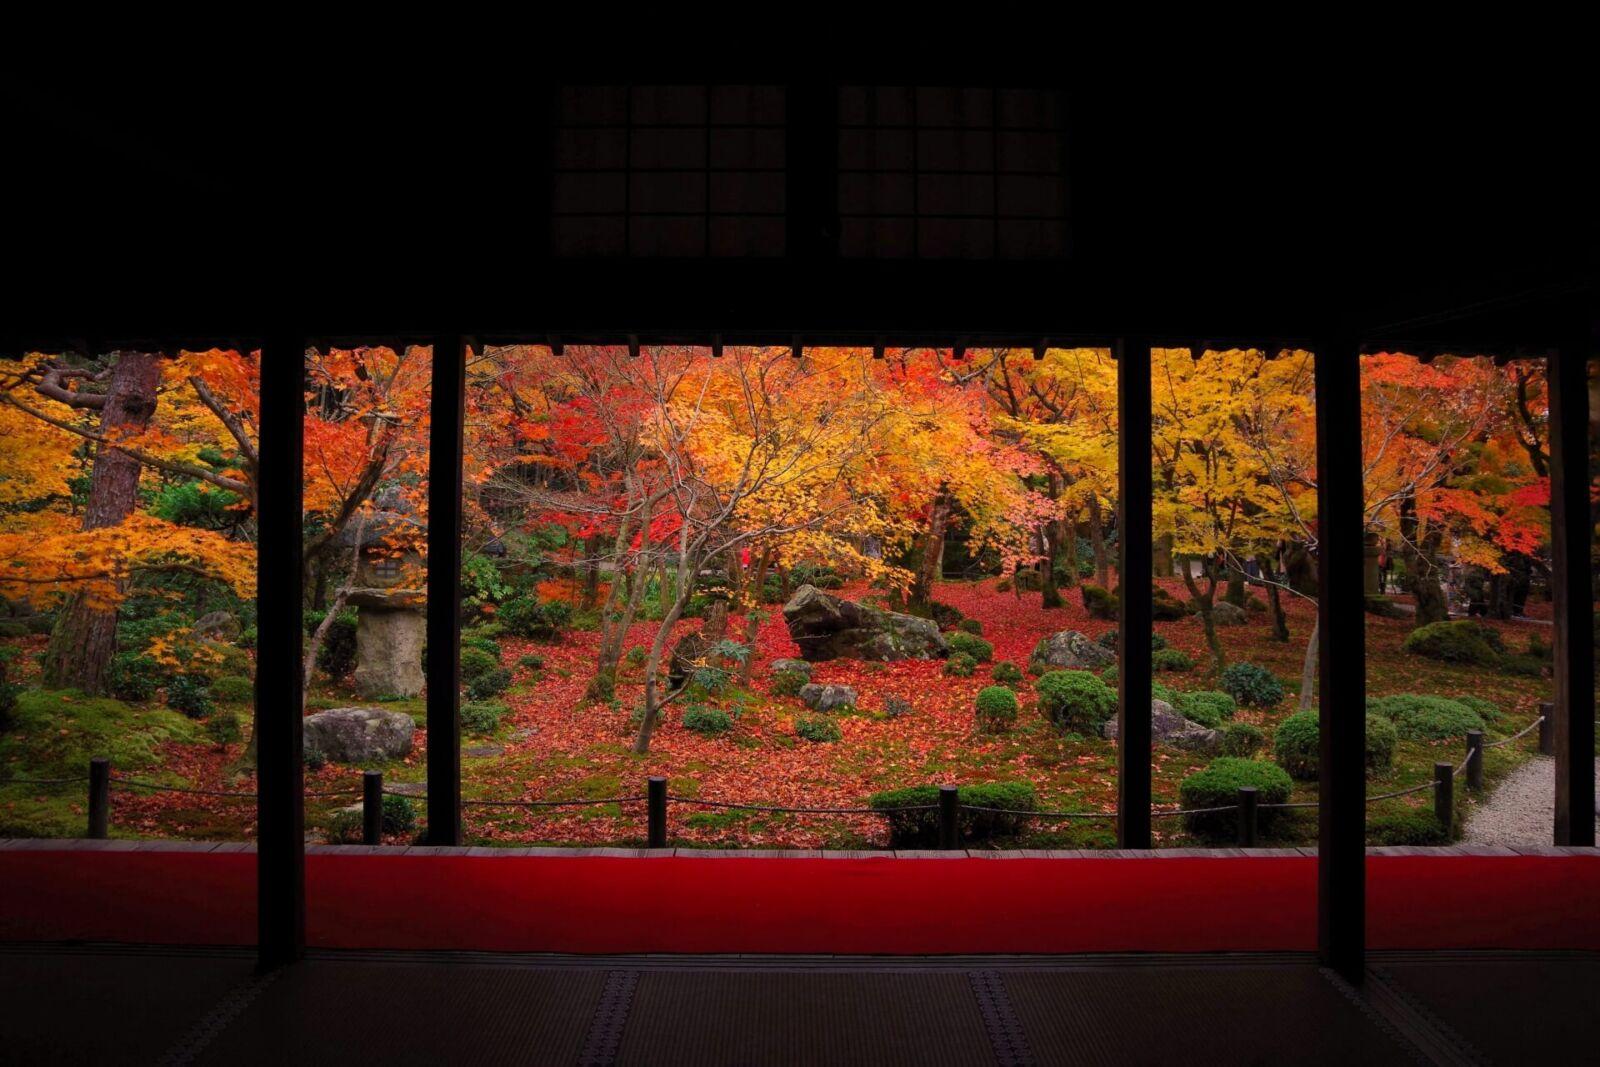 enkoji-kyoto